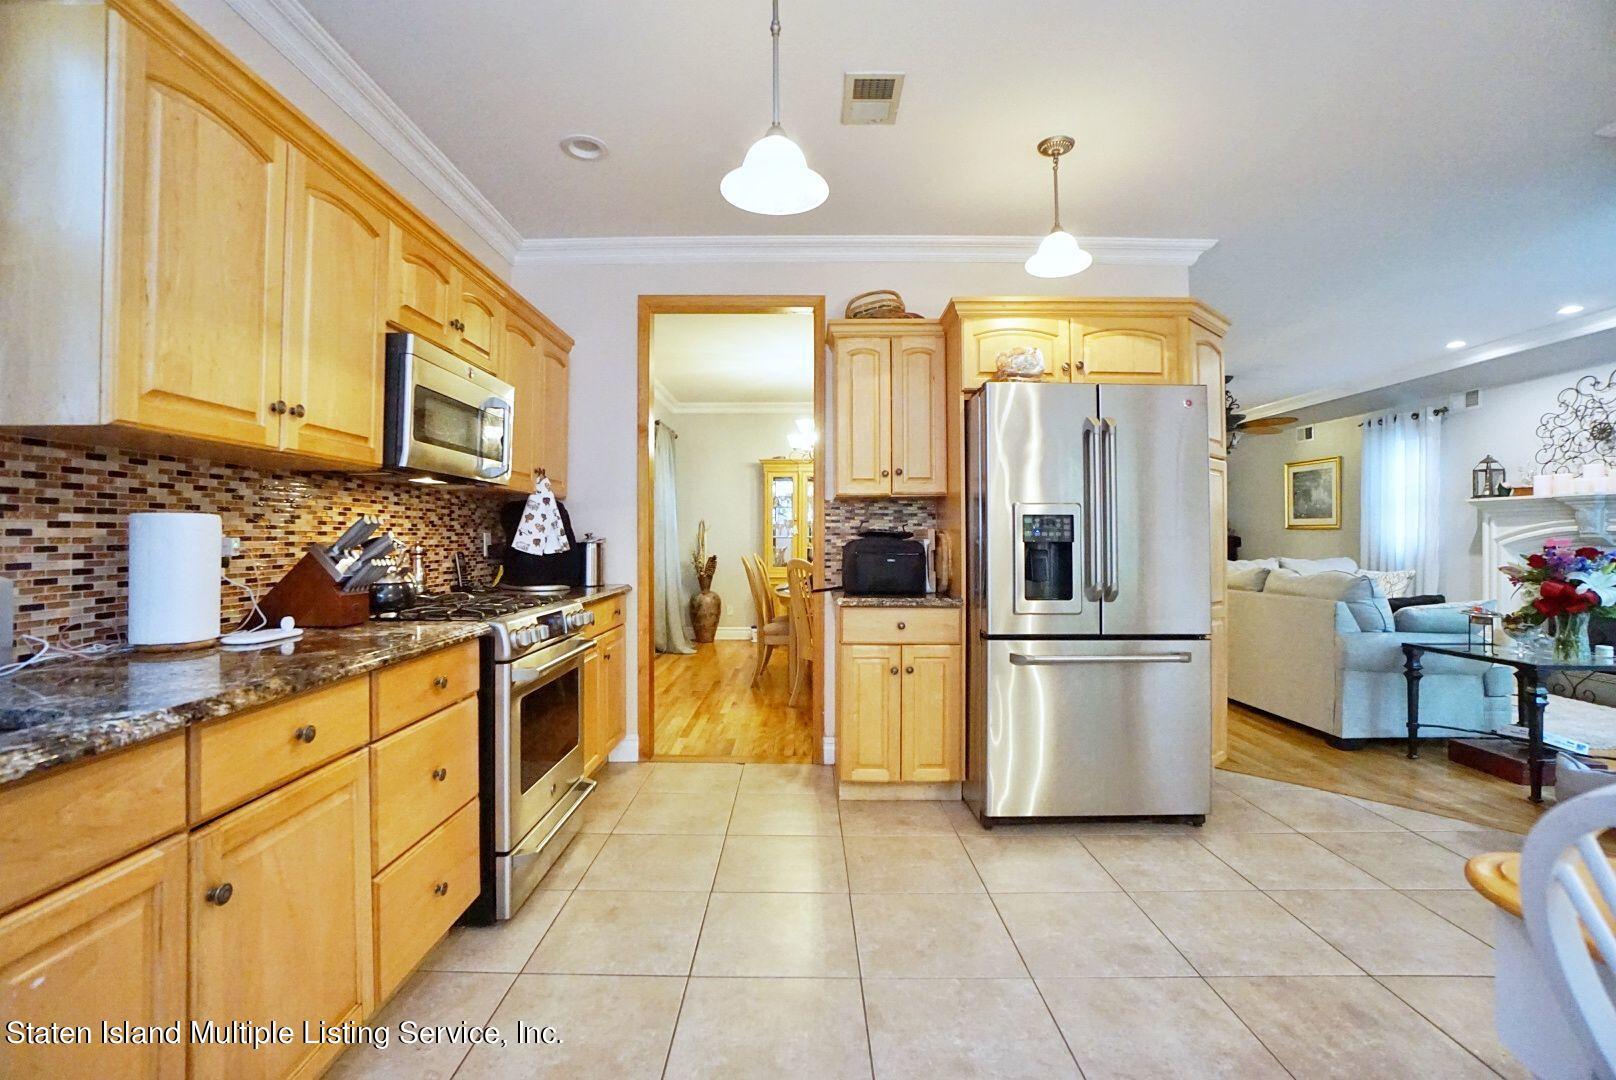 Single Family - Detached 311 Sharrott Avenue  Staten Island, NY 10309, MLS-1146042-22